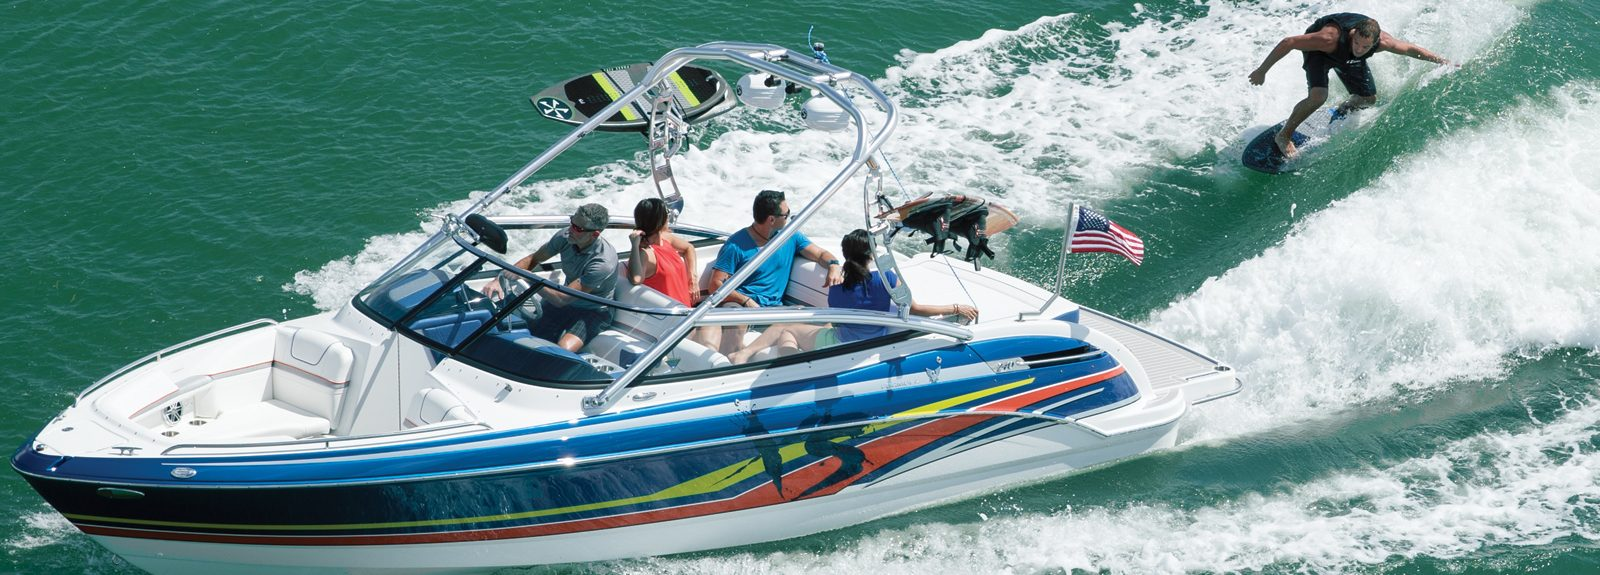 wakesurv ve su kayağı teknesi Formula XS 240